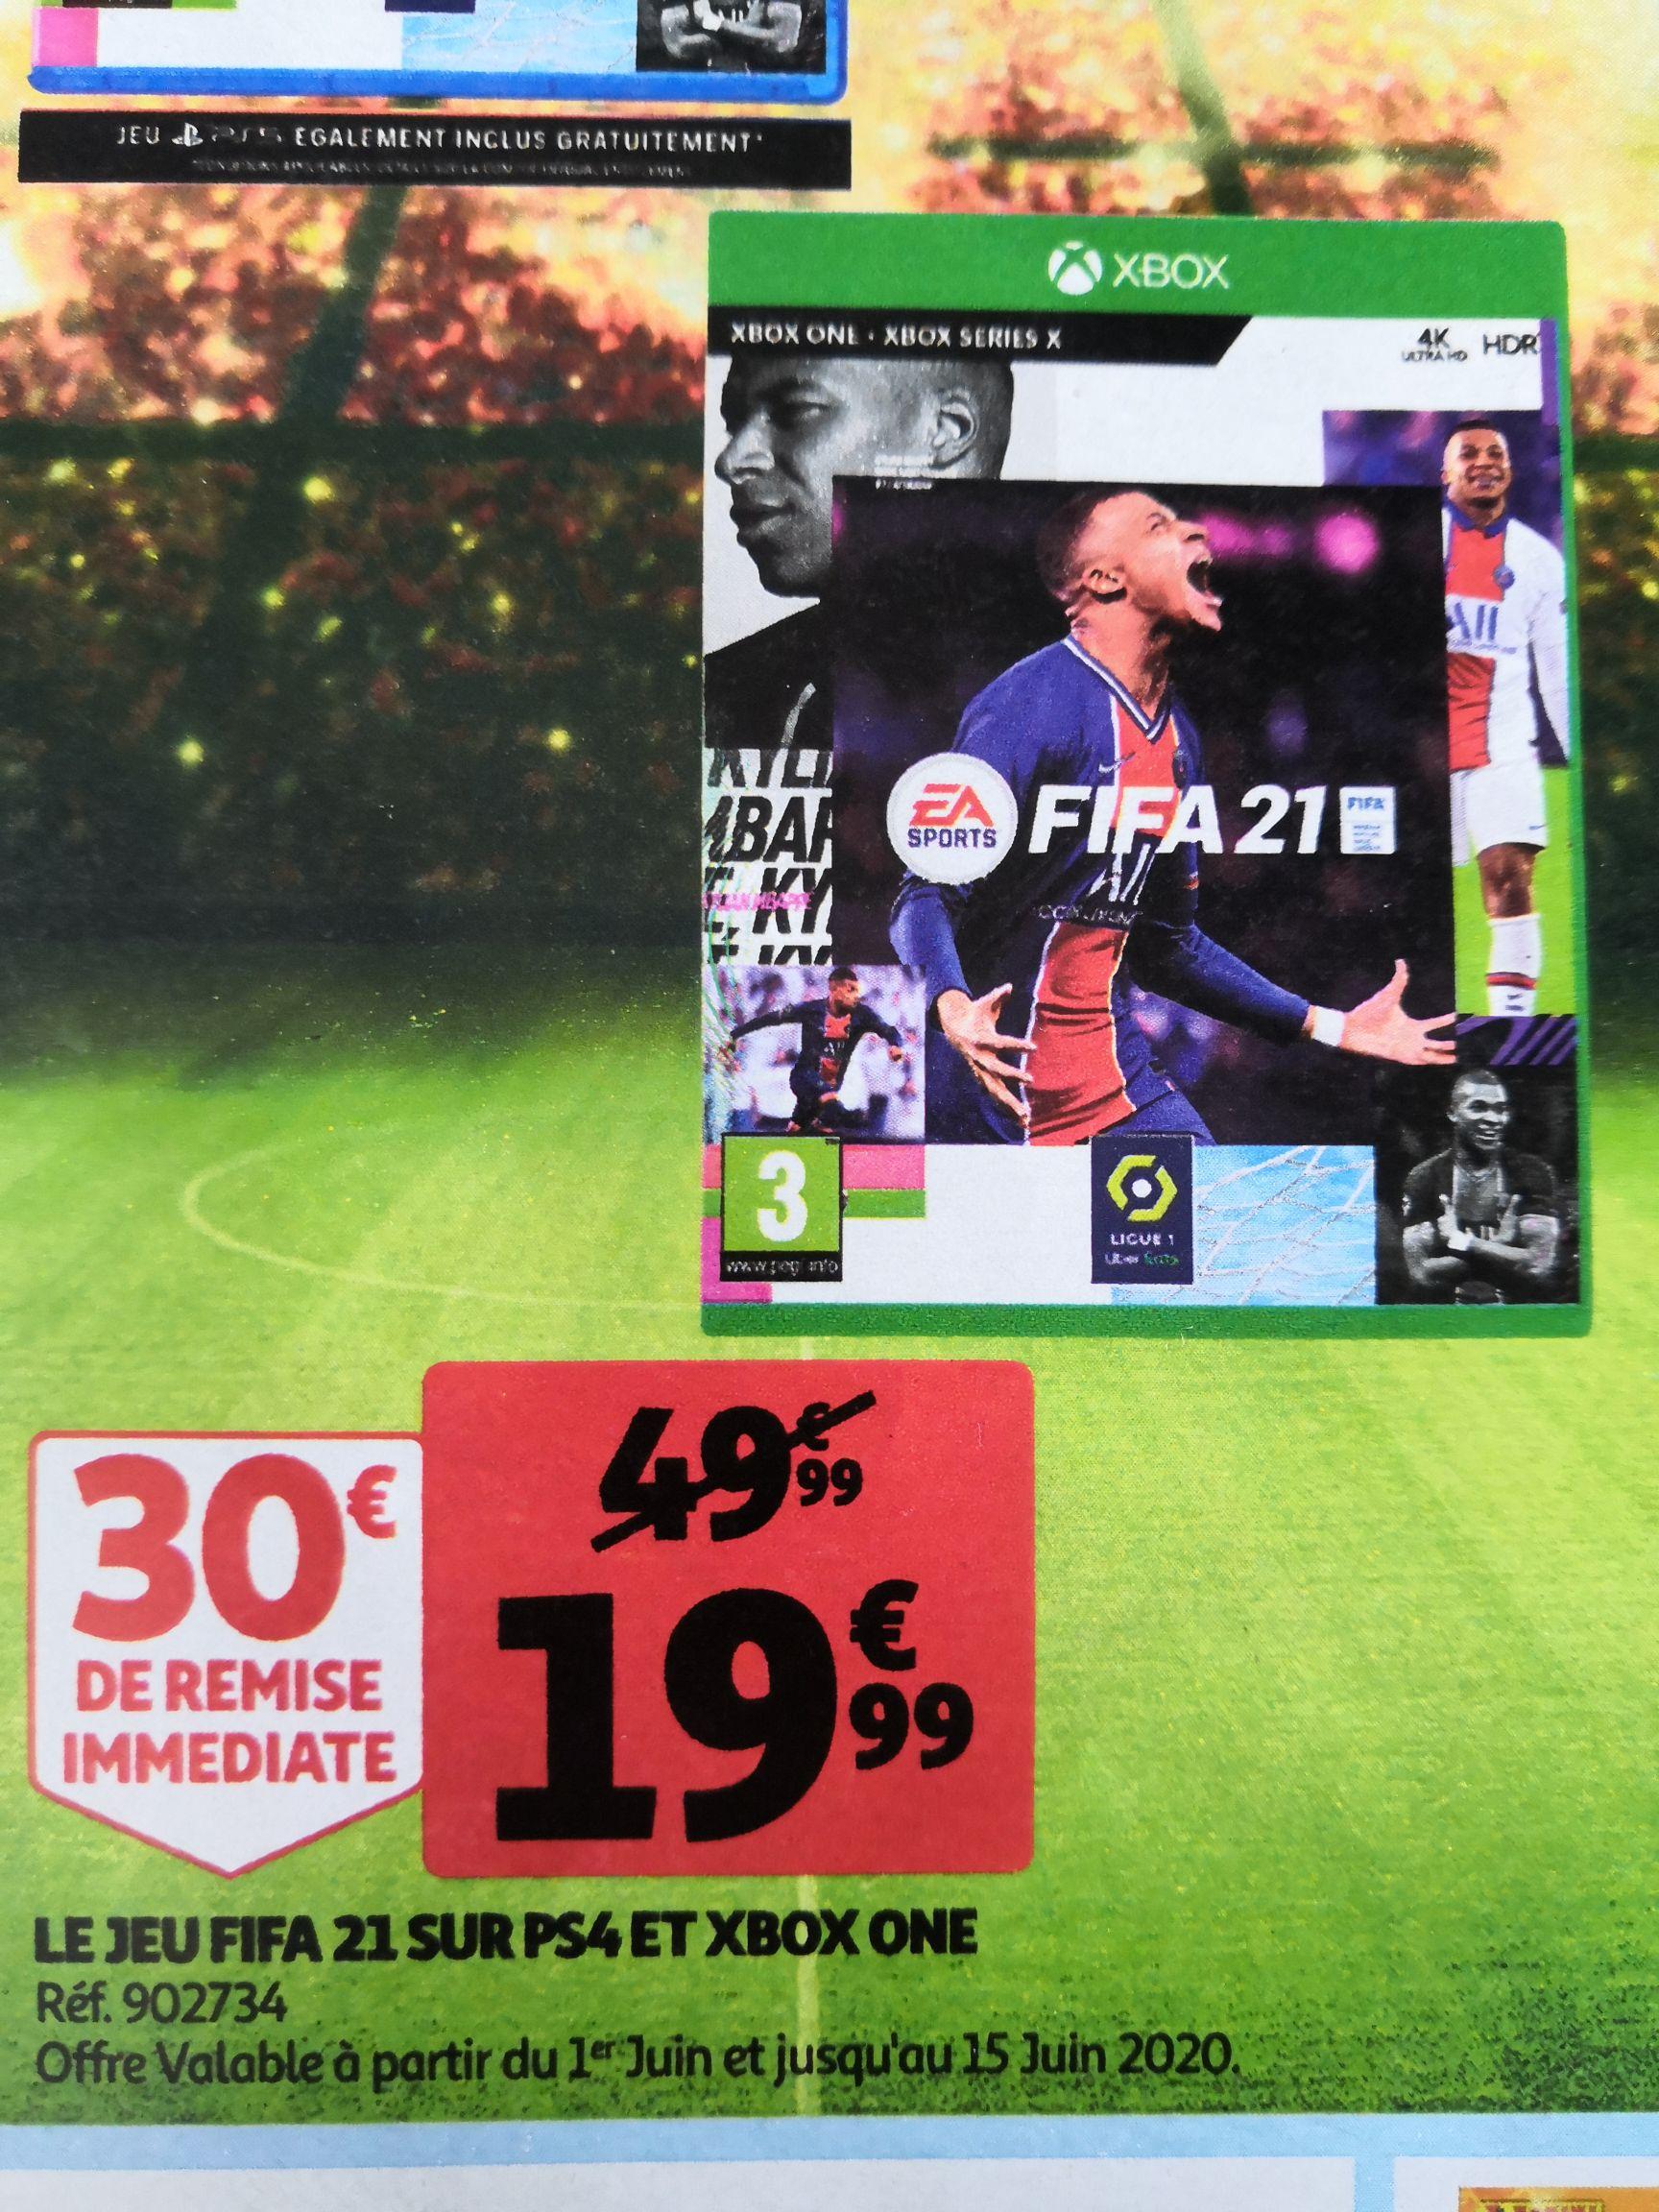 Jeu FIFA 21 sur Xbox One, PS4 et Nintendo Switch